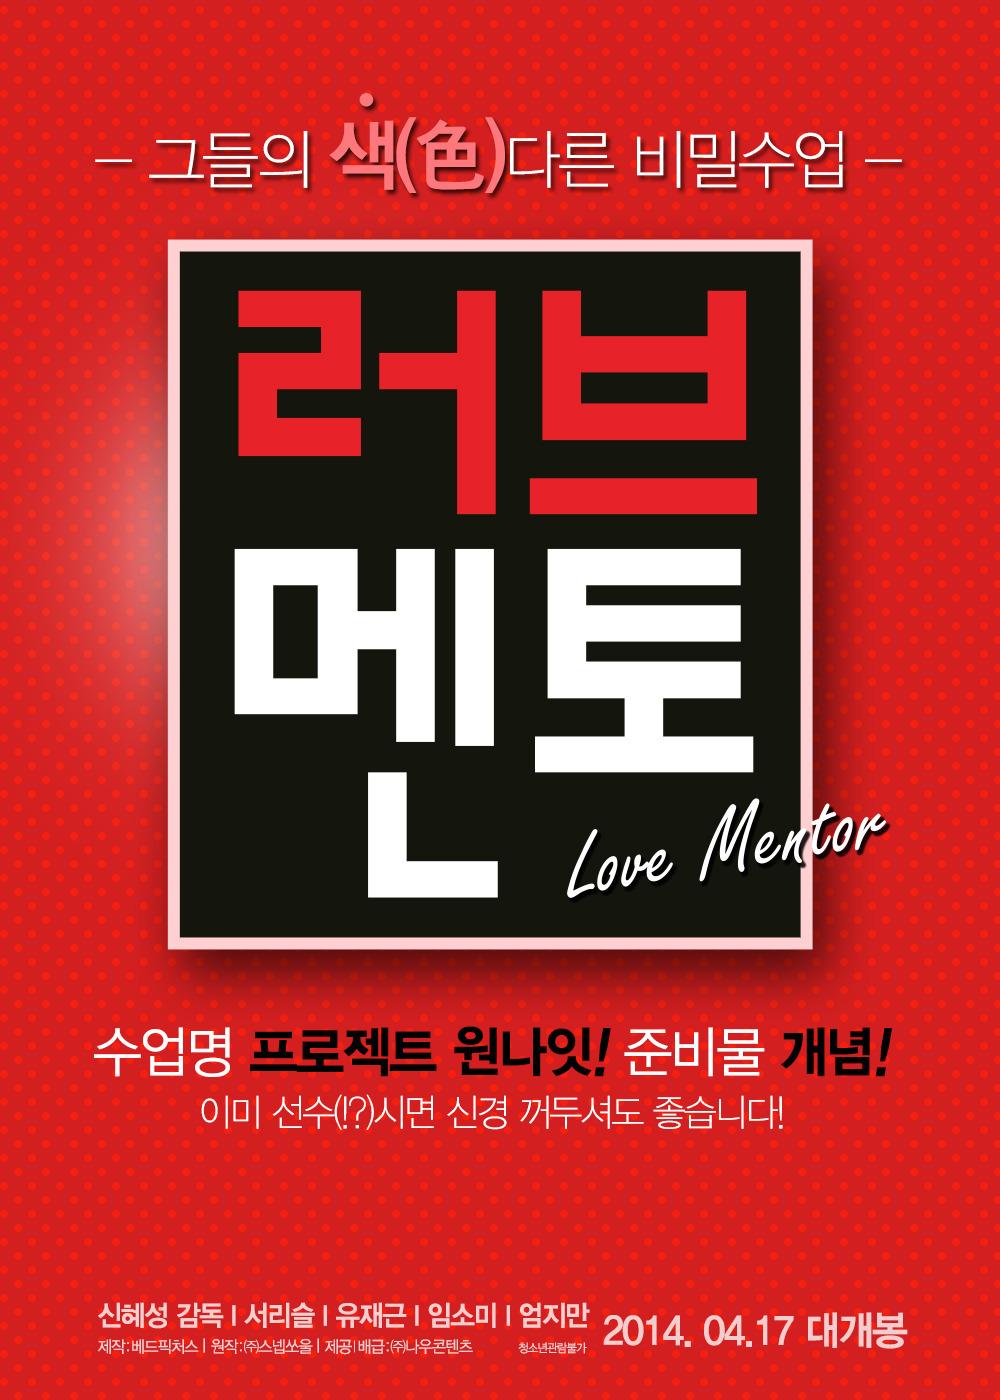 [韩国/三级]爱情导师 Love Mento 1080p高清[RMVB/854M/ED2K]